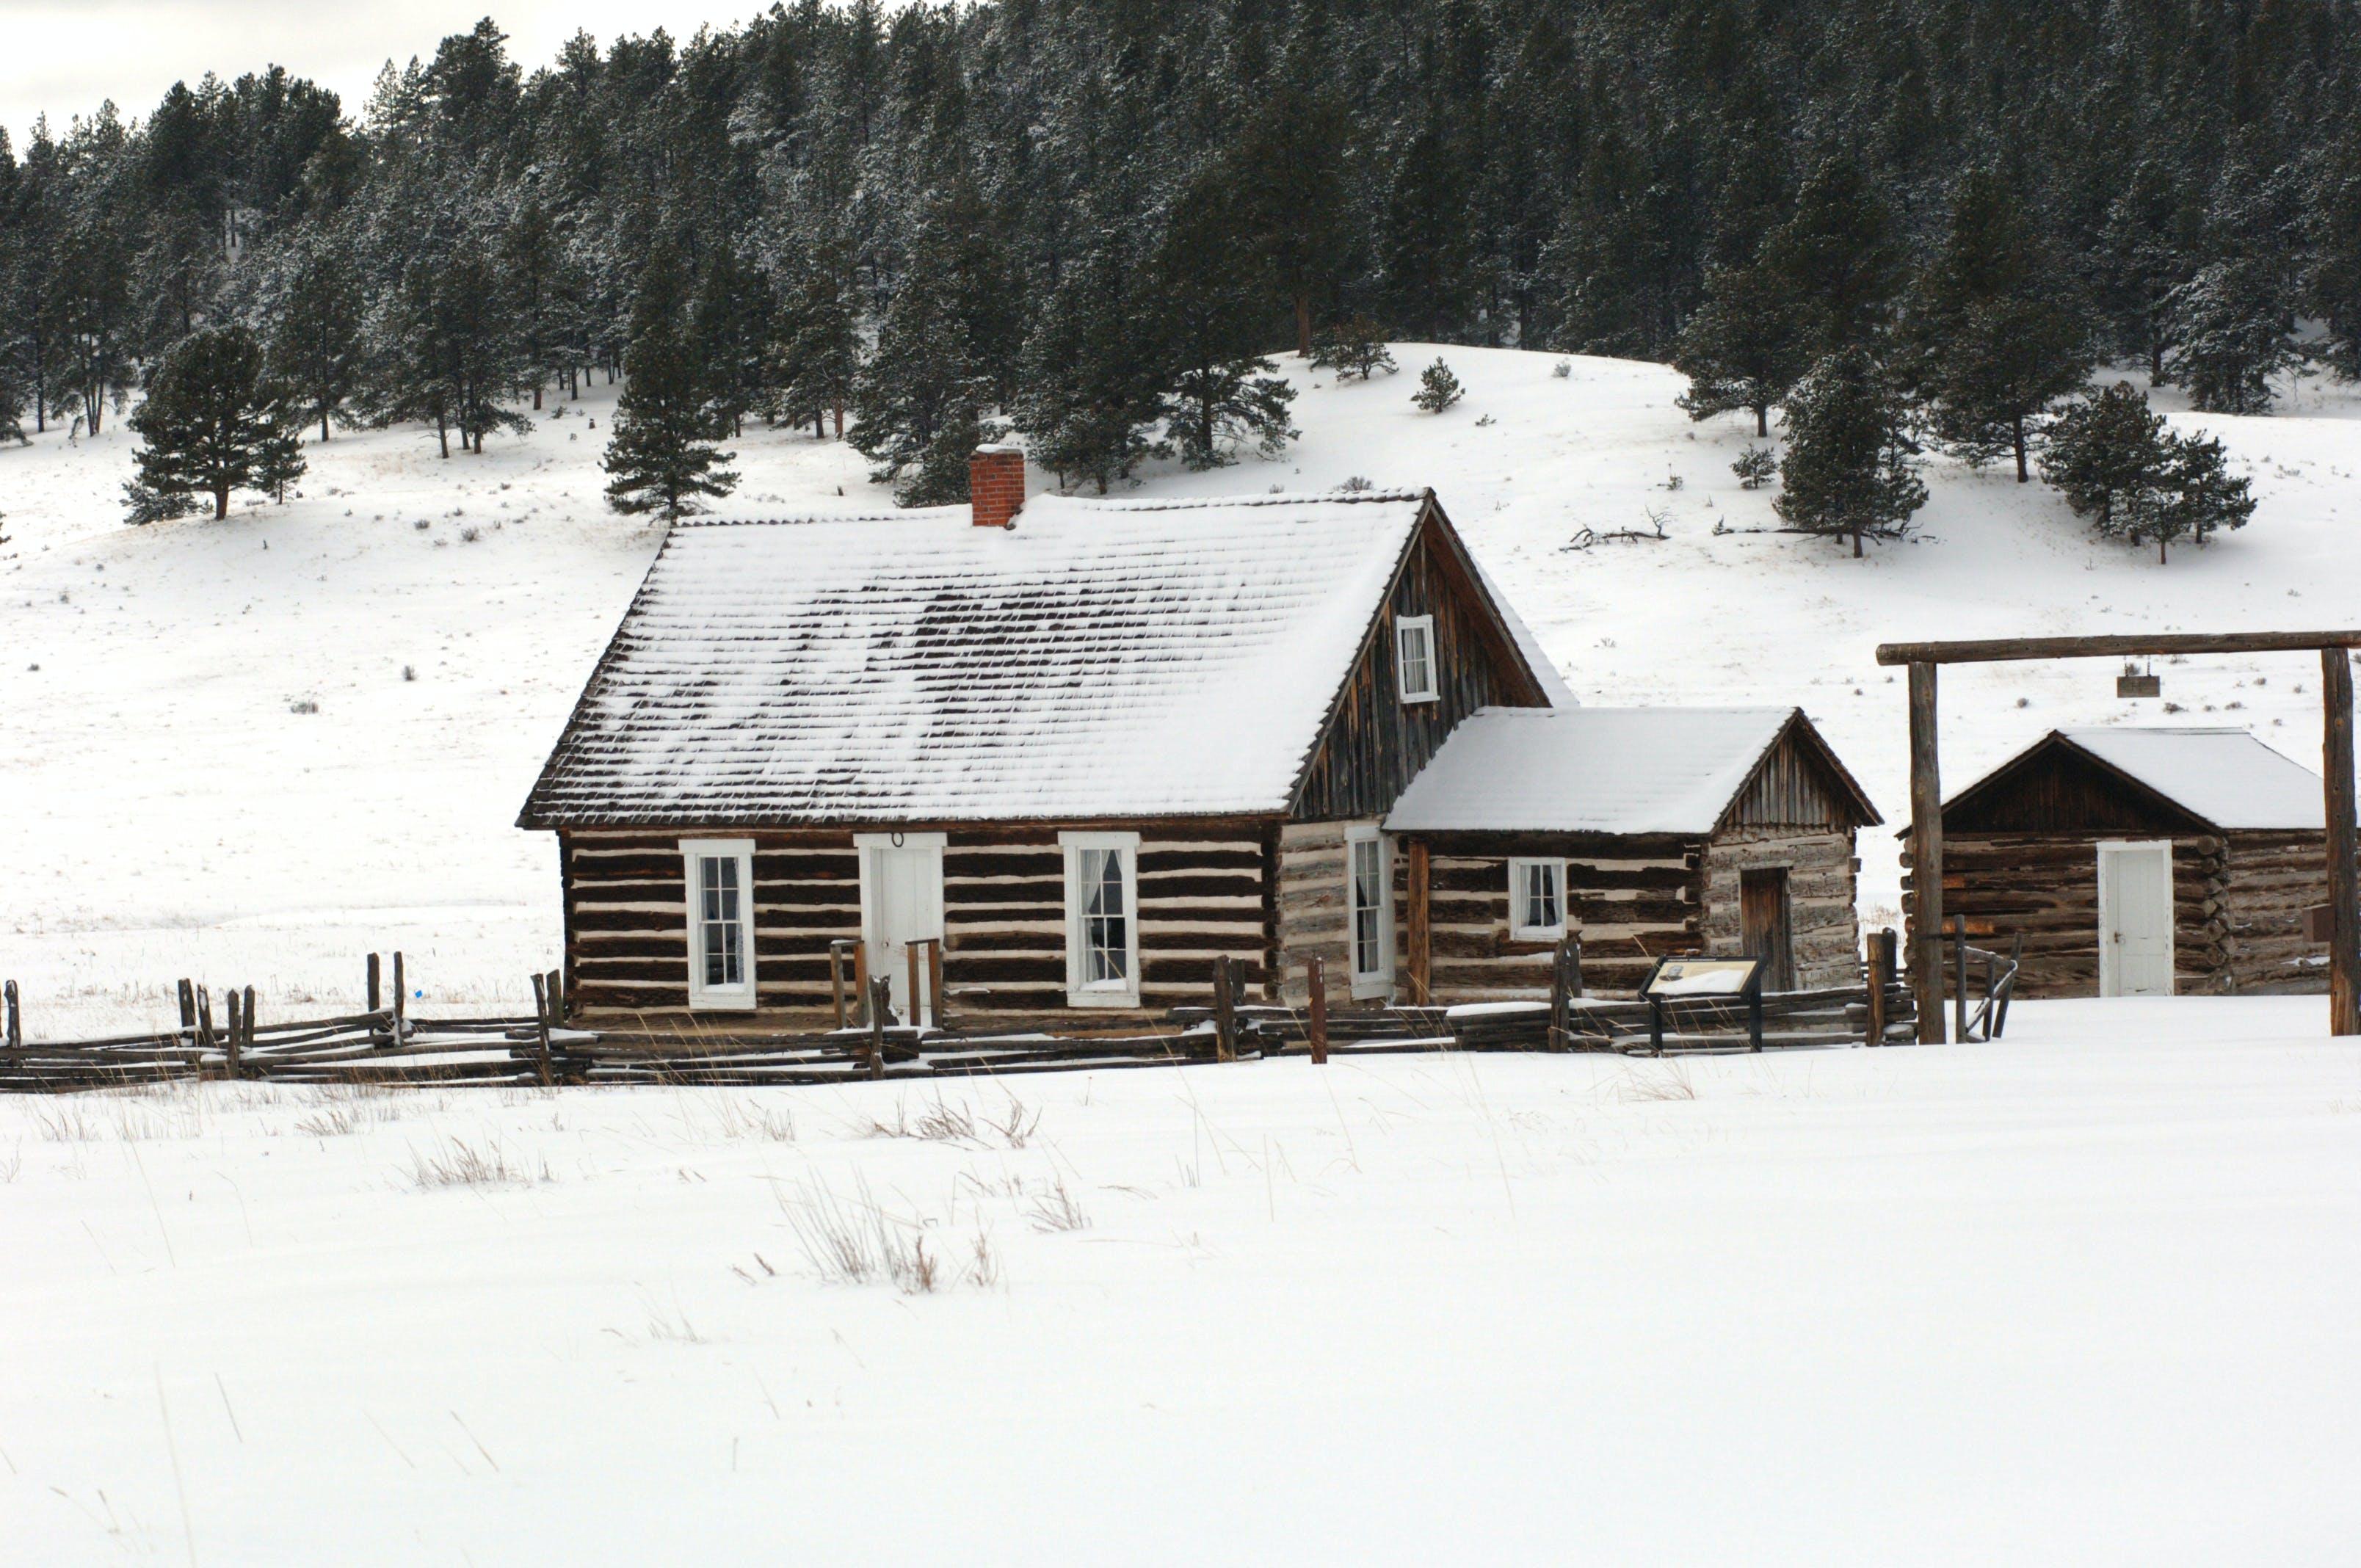 de arbres, bungalou, cabana, constipat